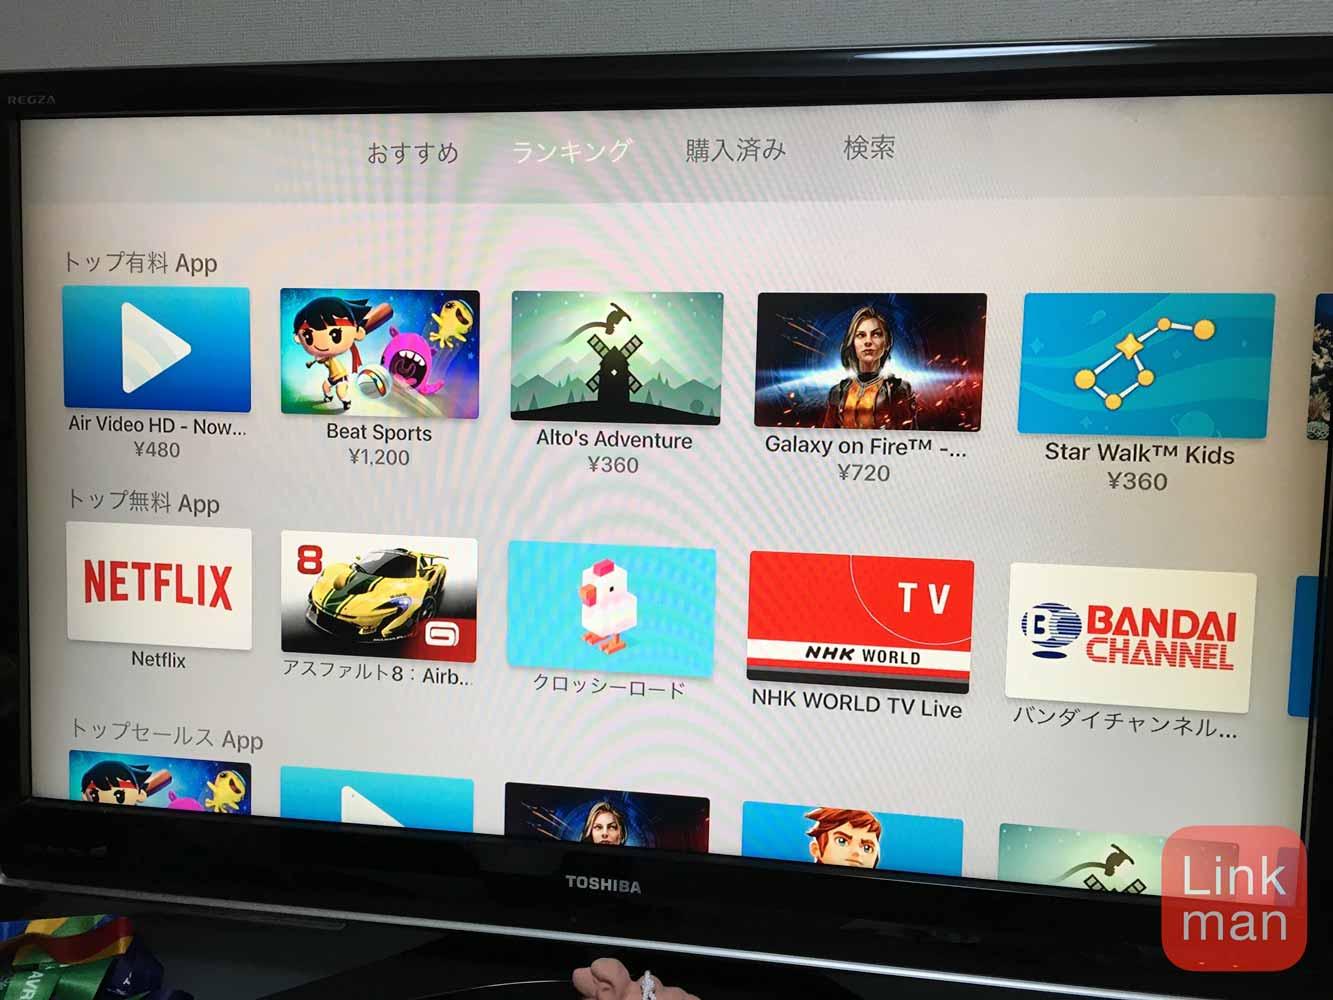 日本の「Apple TV(第4世代)」でもApp Storeで「ランキング」セクションを追加